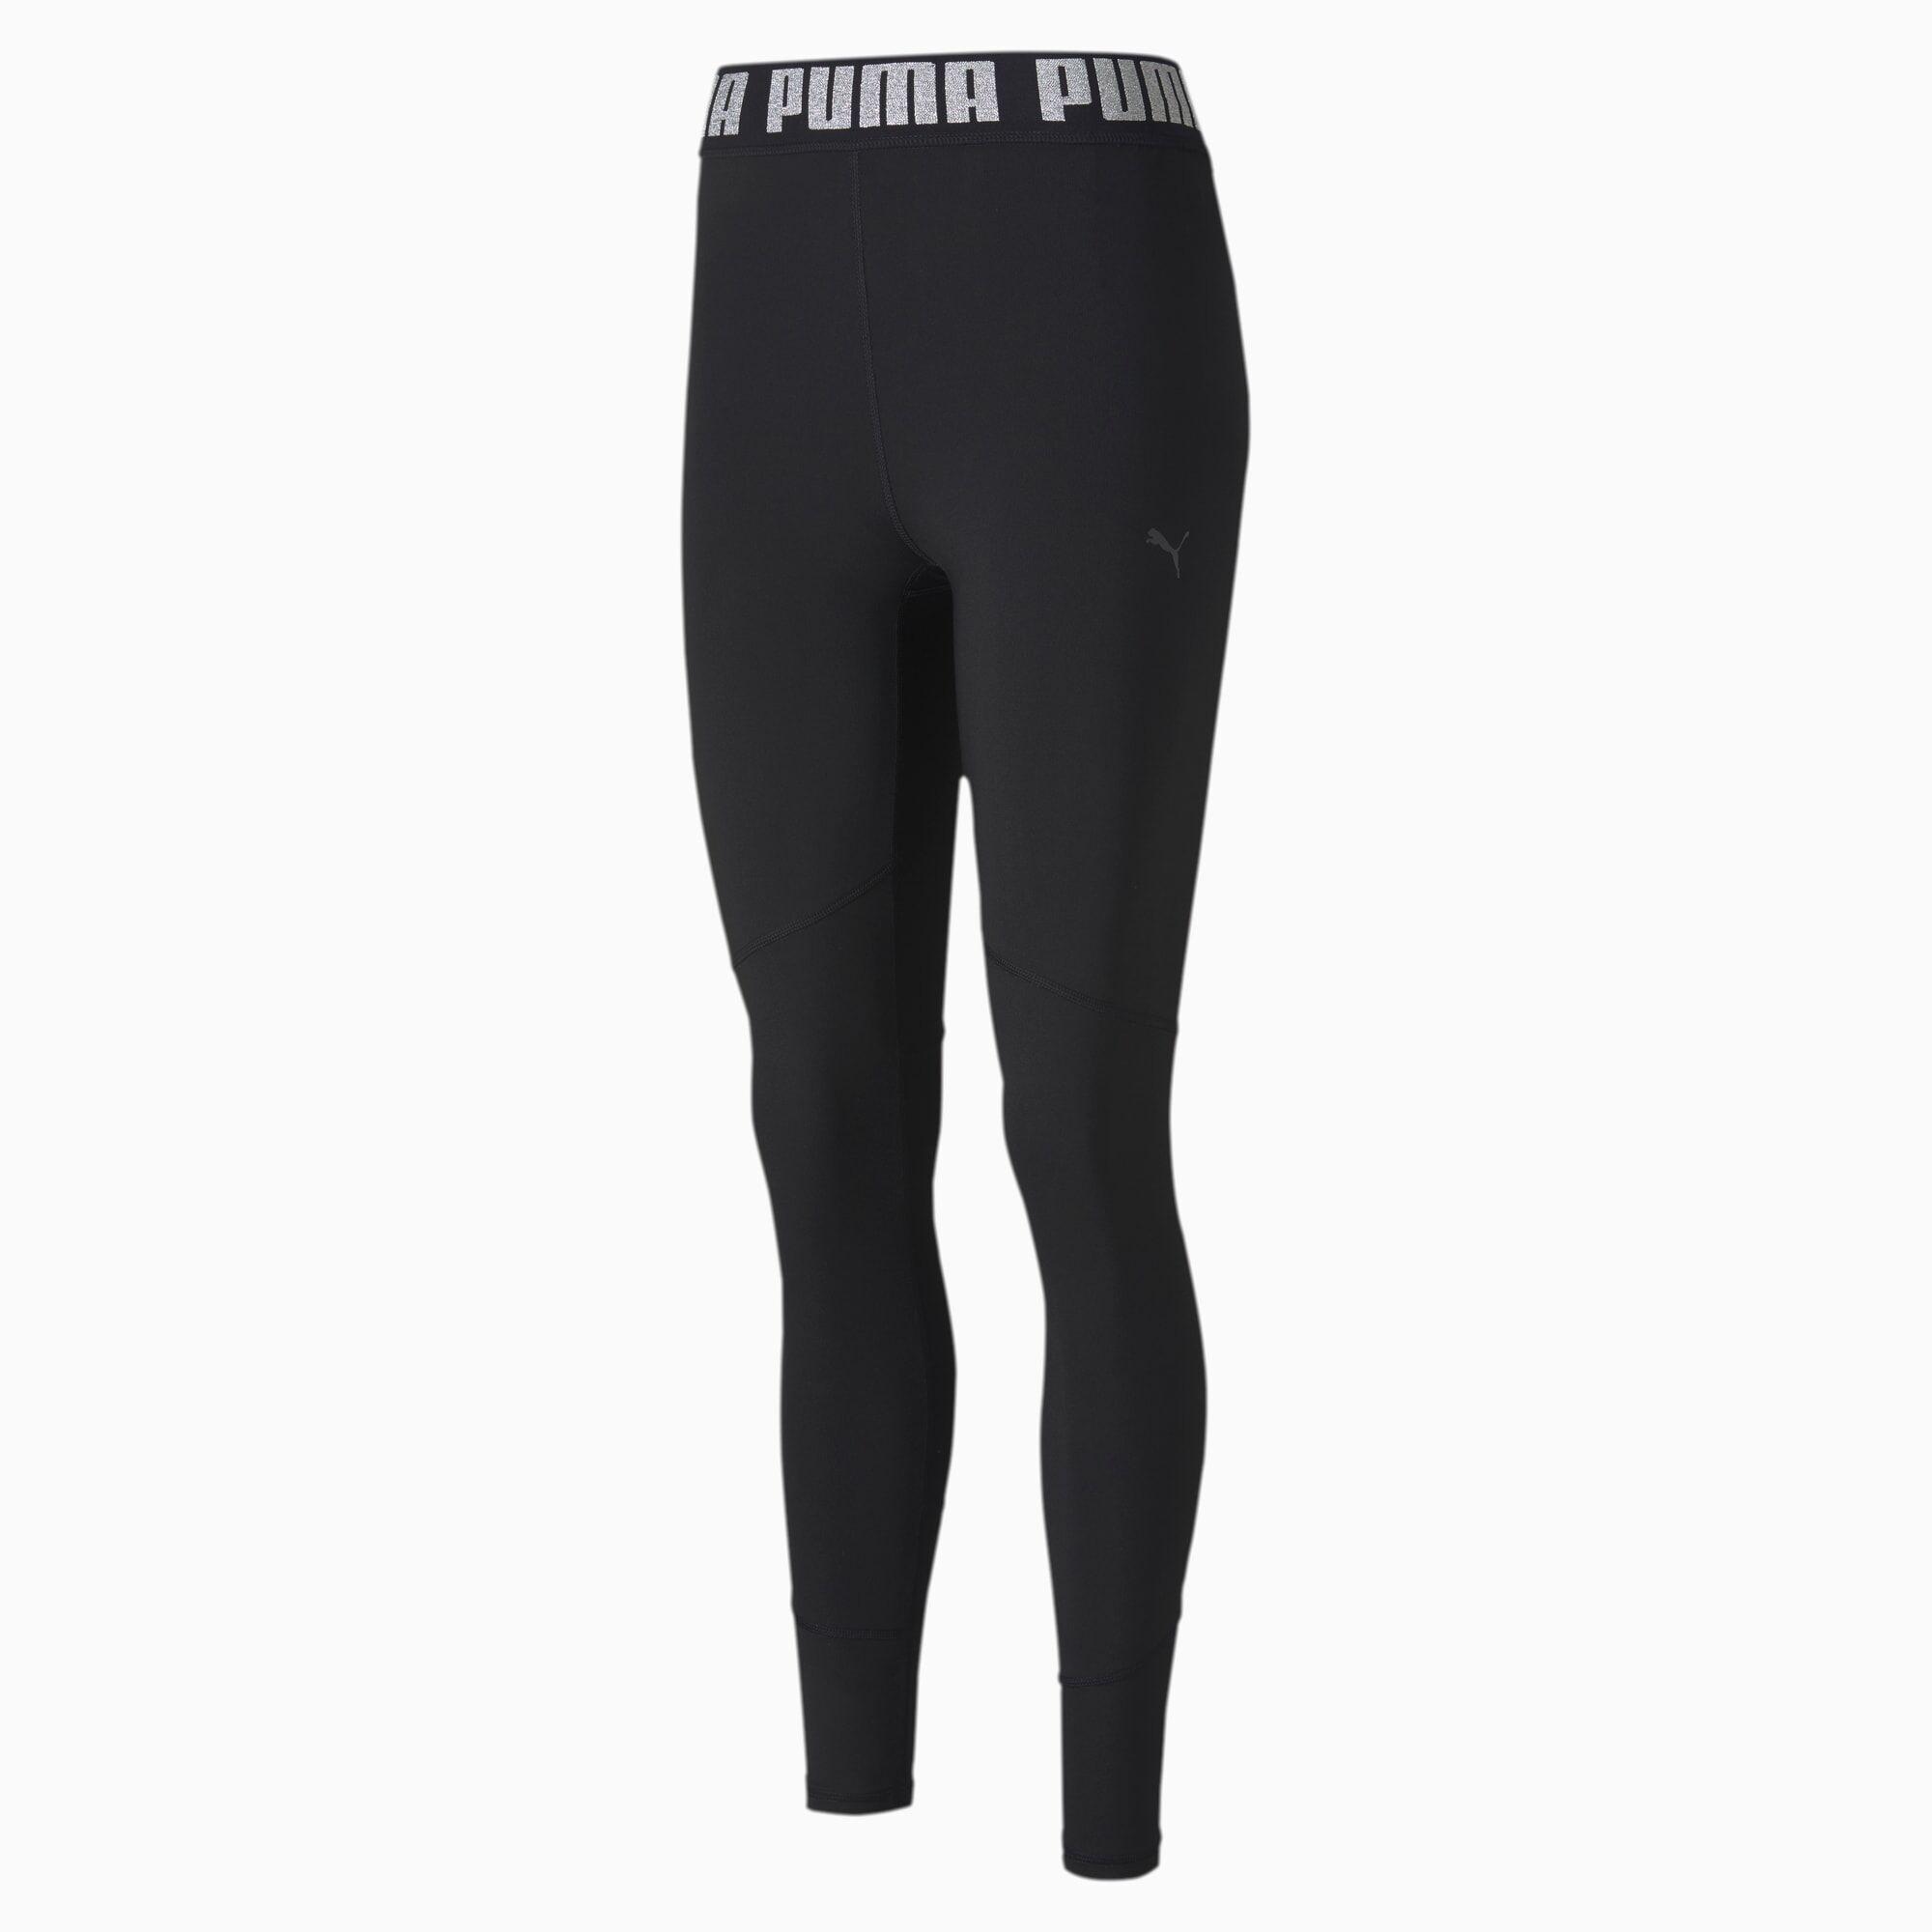 PUMA Collant Favourite Elastic 7/8 Training pour Femme, Noir, Taille XL, Vêtements